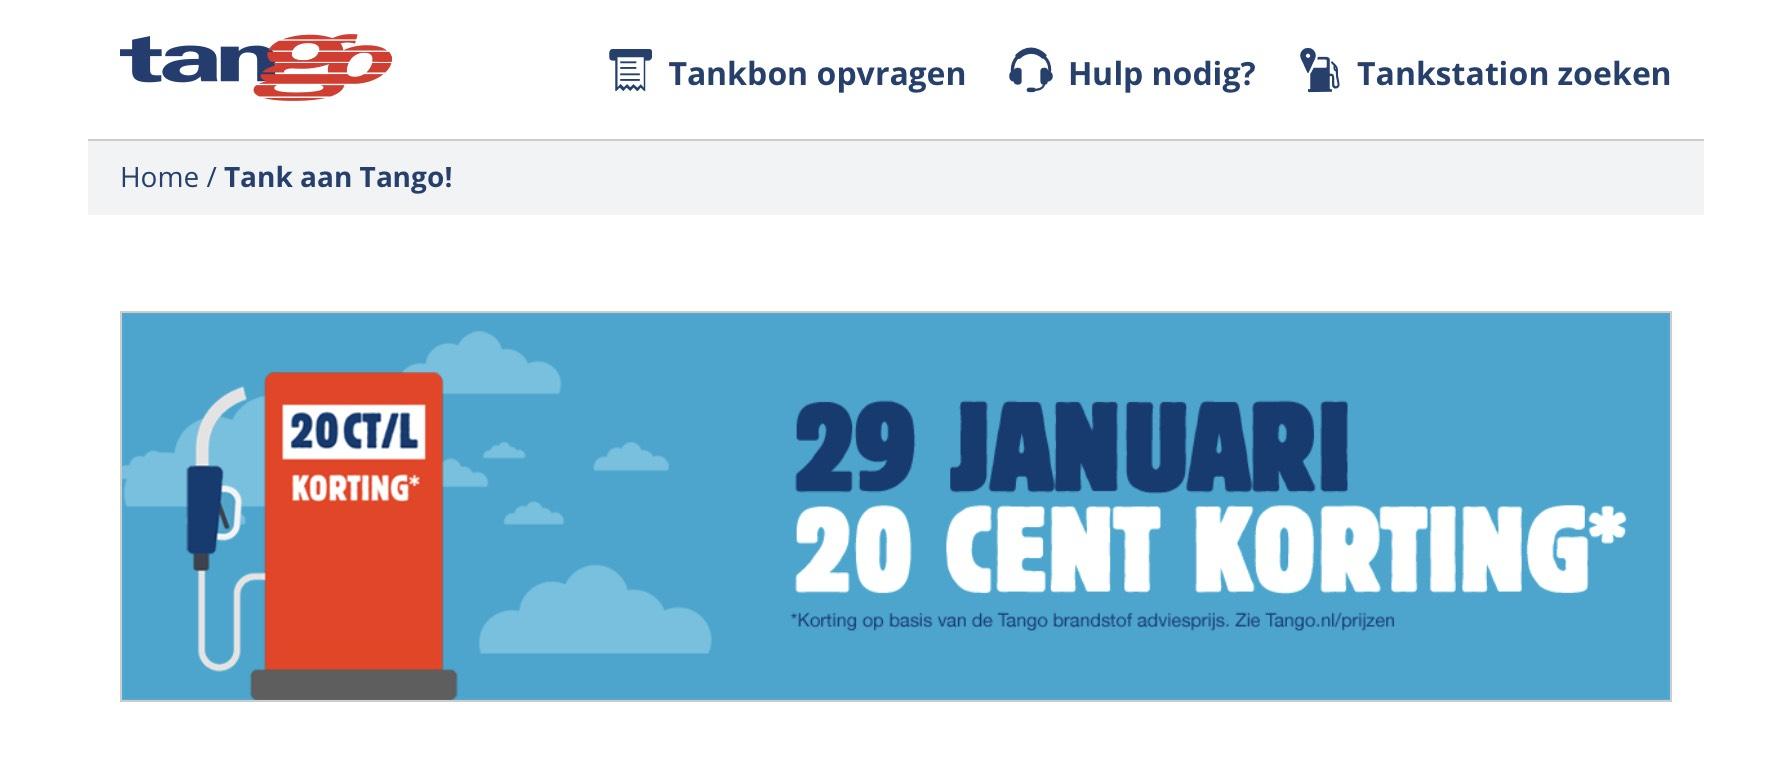 Tango 29 Januari extra korting op brandstof